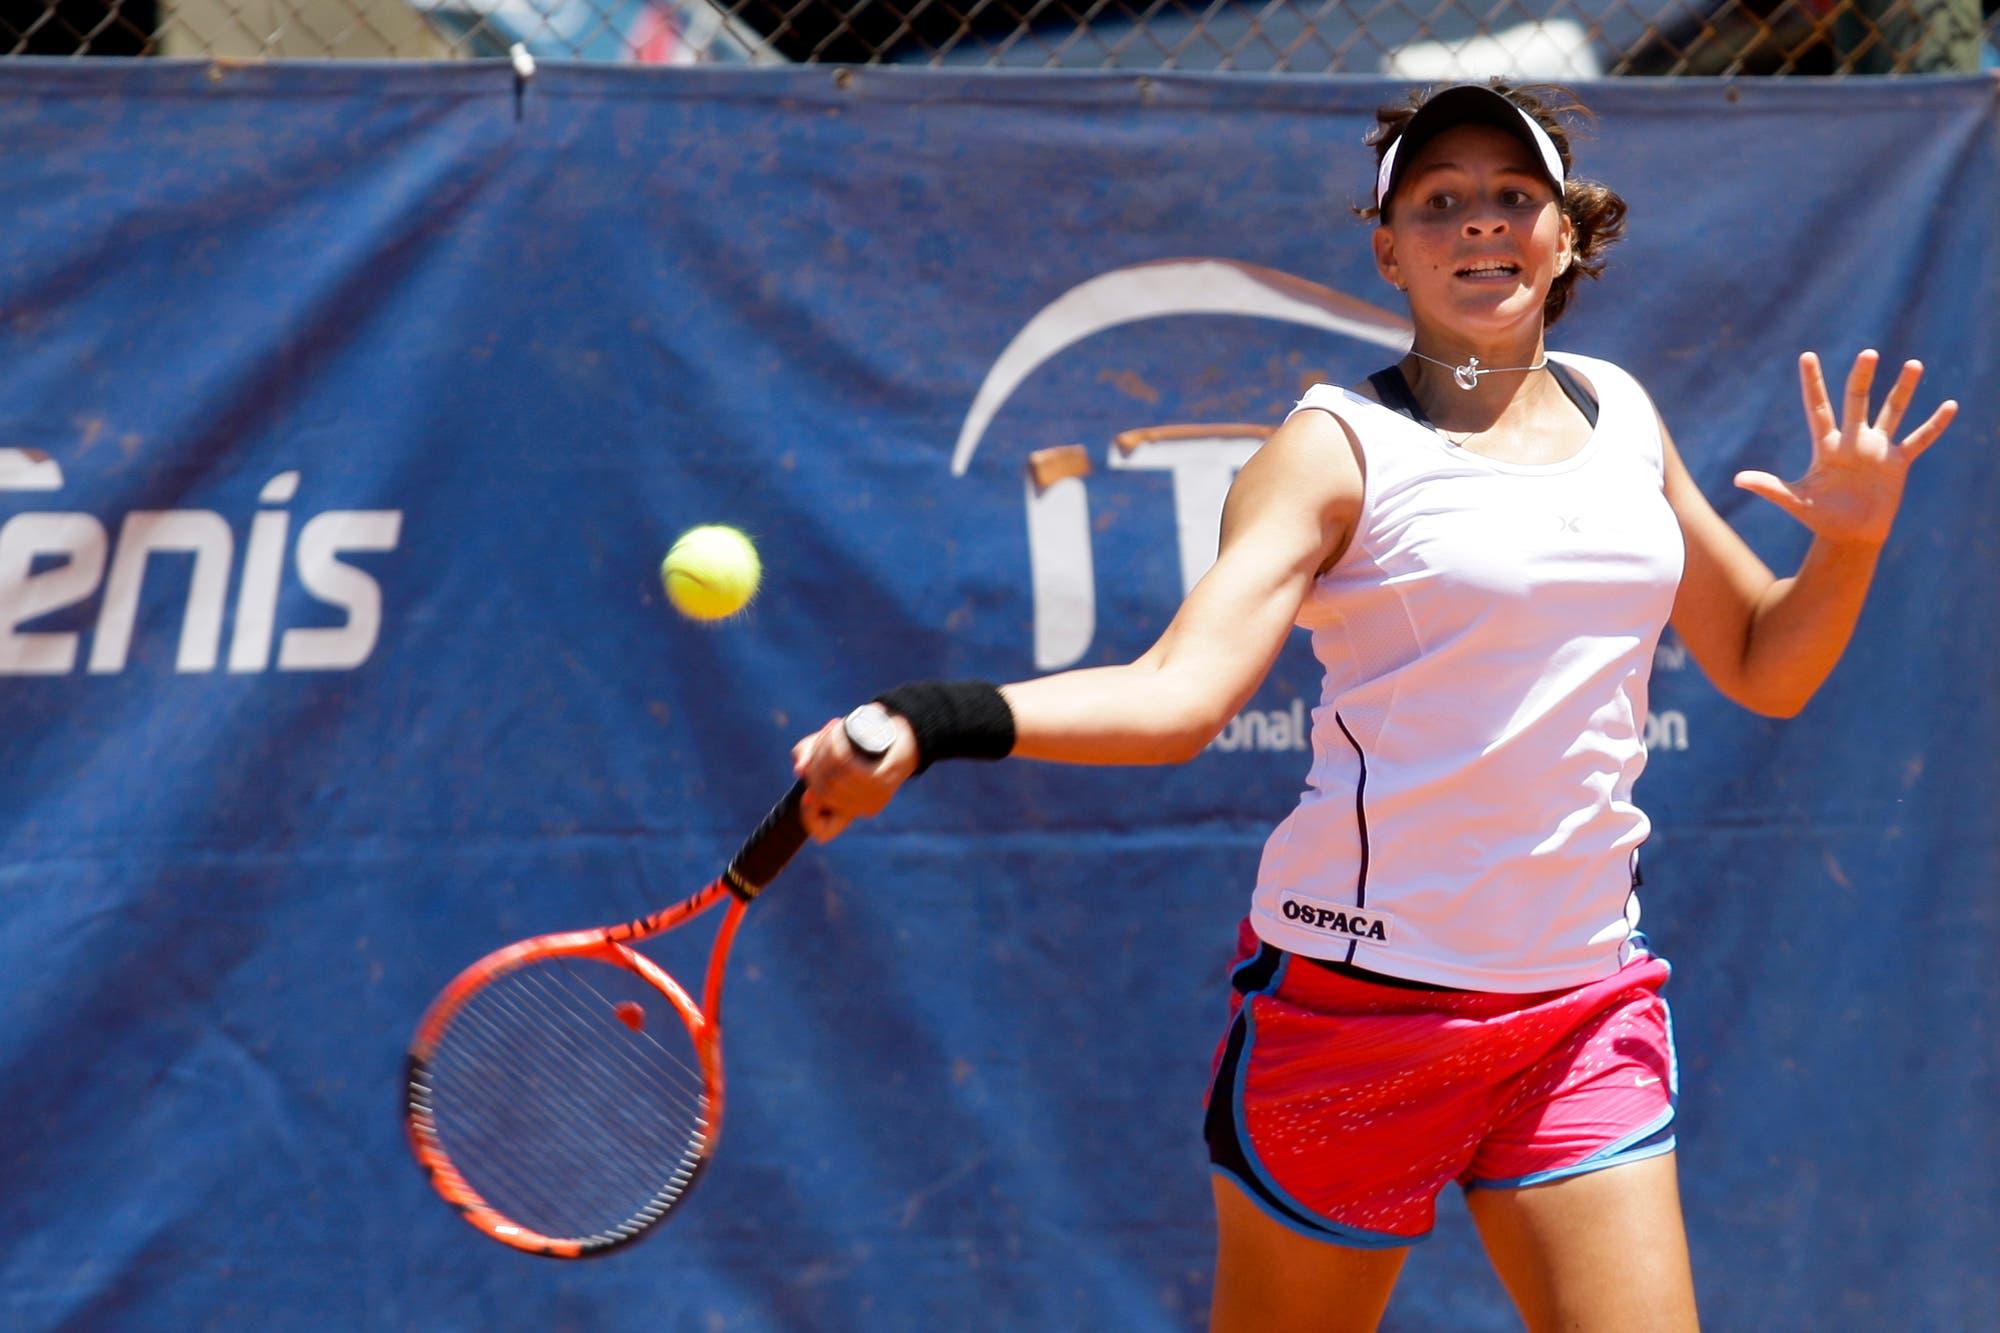 La tenista que estuvo tres meses sin caminar y siete años después debutará en el equipo argentino de Fed Cup